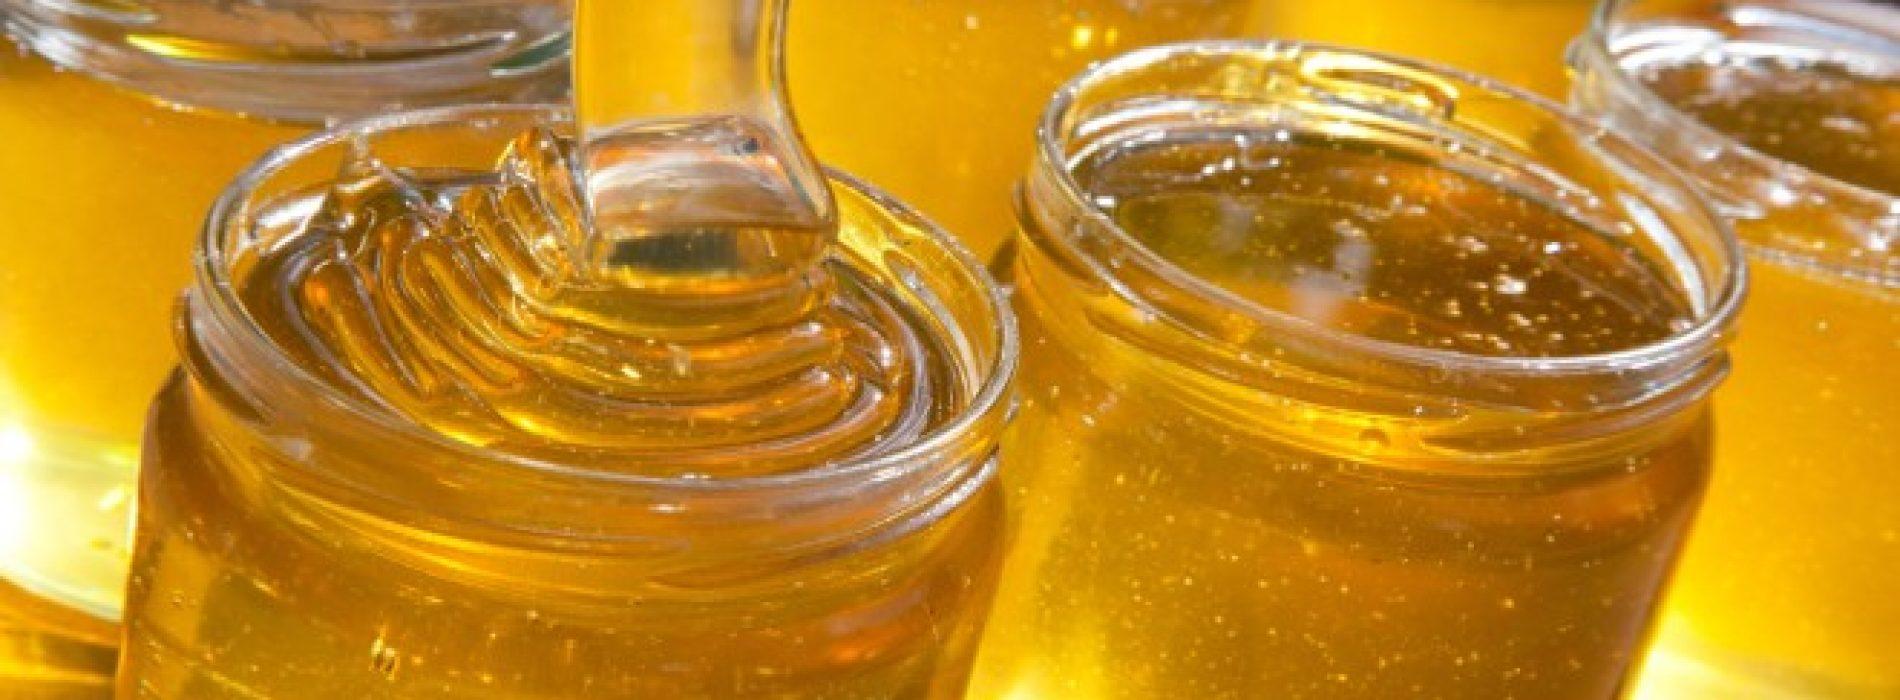 Niet alle honing is op dezelfde manier gemaakt: hier is hoe je er zeker van kunt zijn dat de jouwe legitiem is